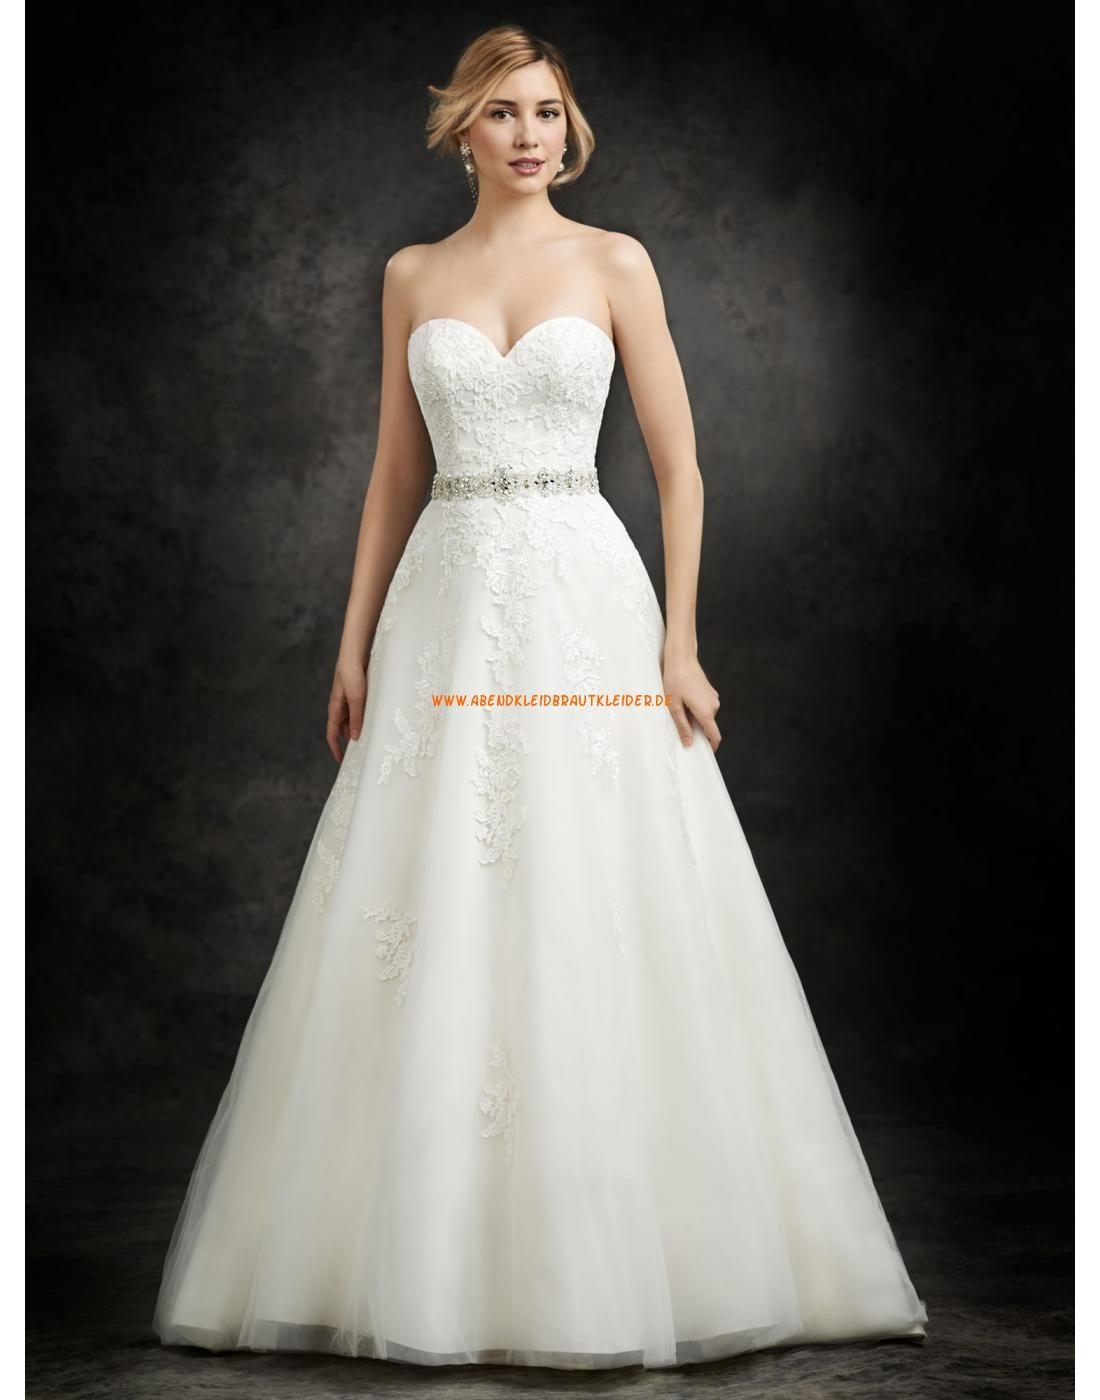 Ella Rosa A-linie Herz-ausschnitt Schöne Brautkleider aus Softnetz mit Applikation